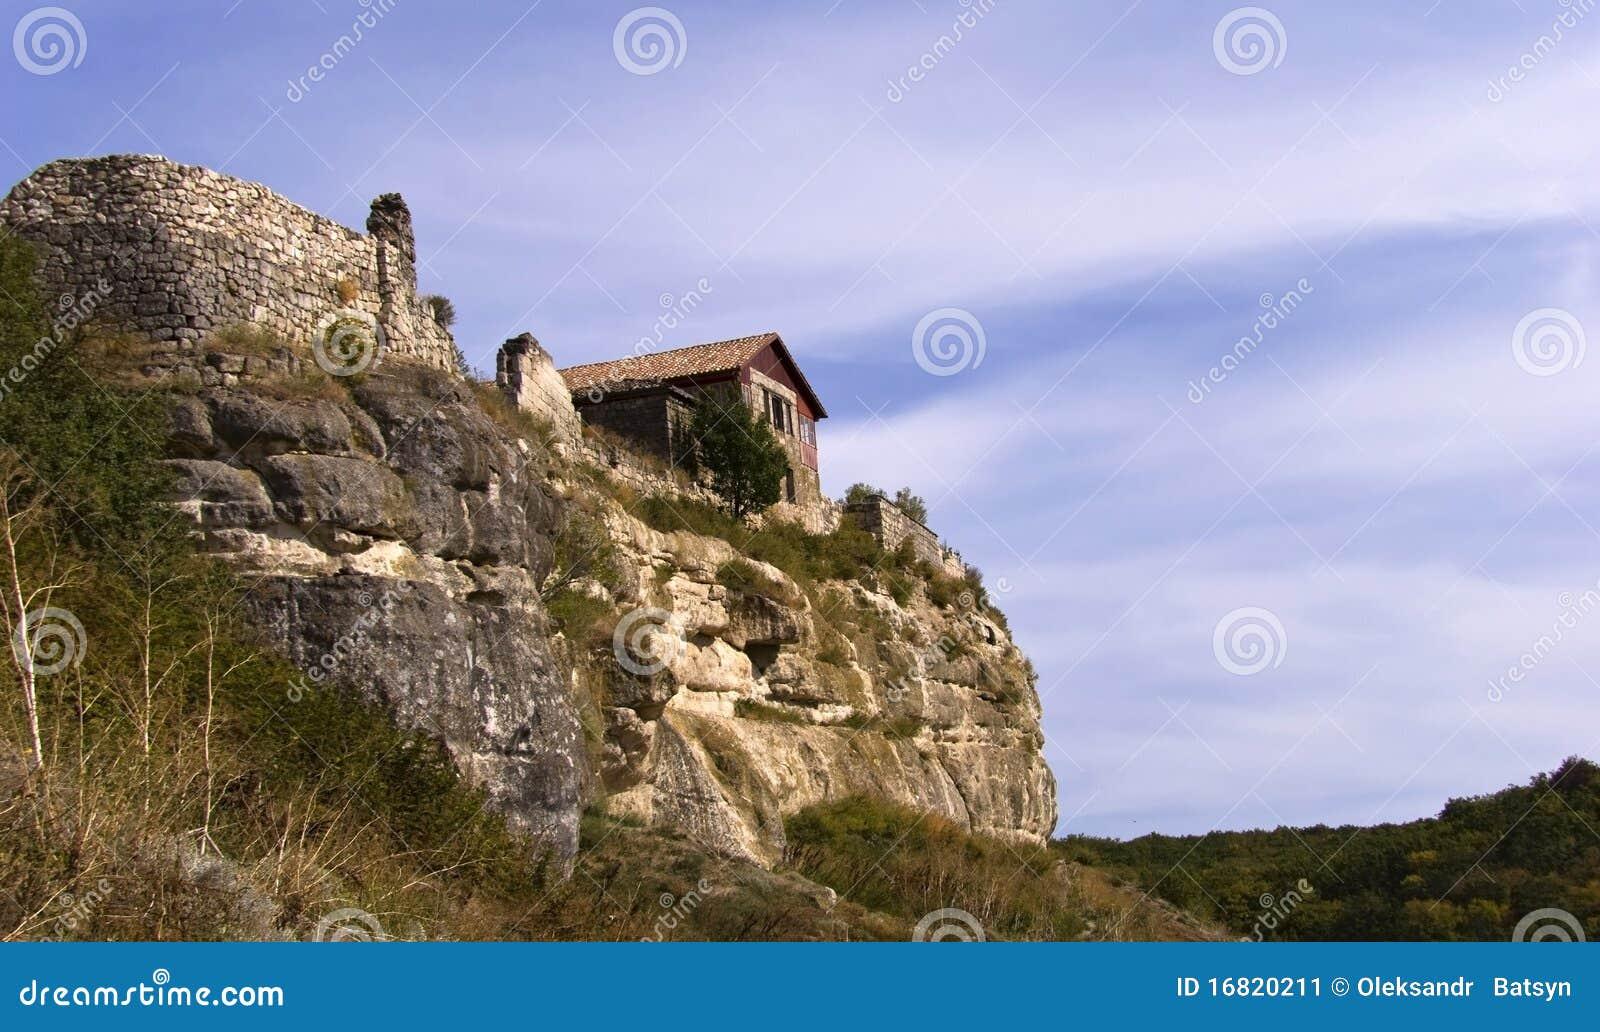 huis op een rots stock afbeelding afbeelding bestaande uit kust 16820211. Black Bedroom Furniture Sets. Home Design Ideas